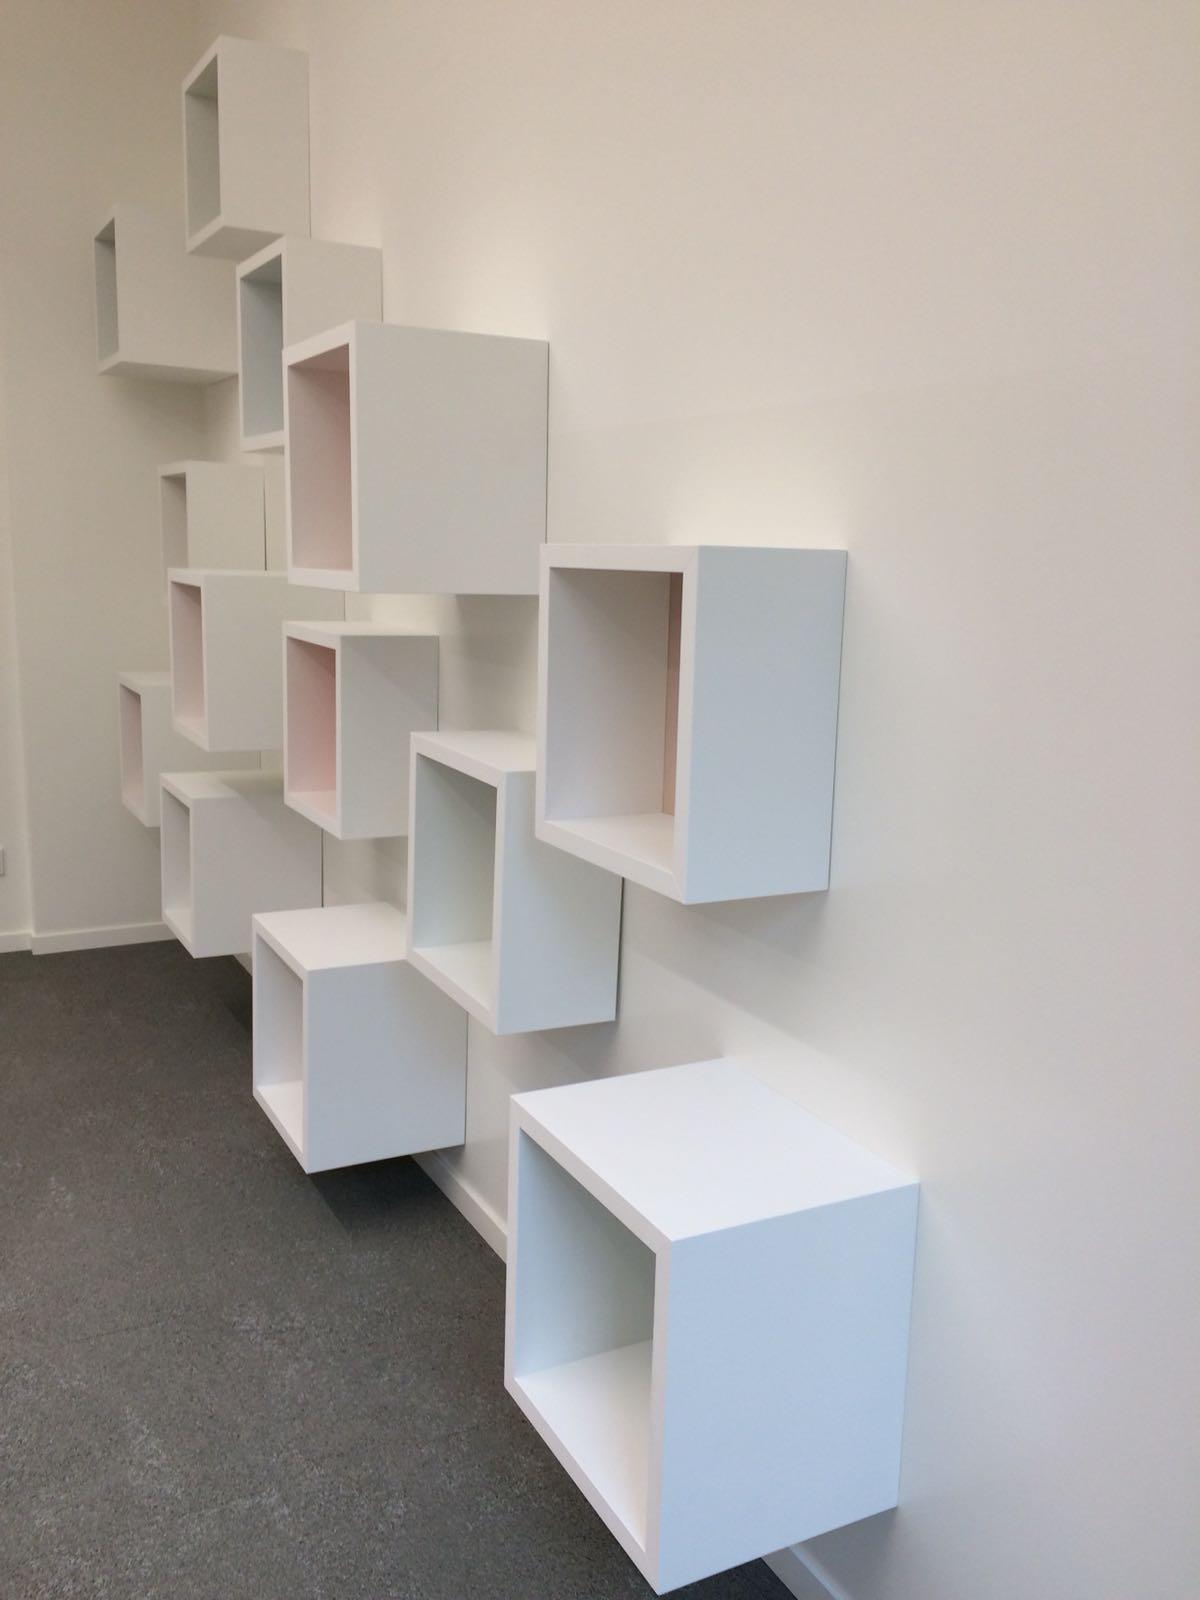 Individuelle Möbel Tischlerei In Hamburg Altona